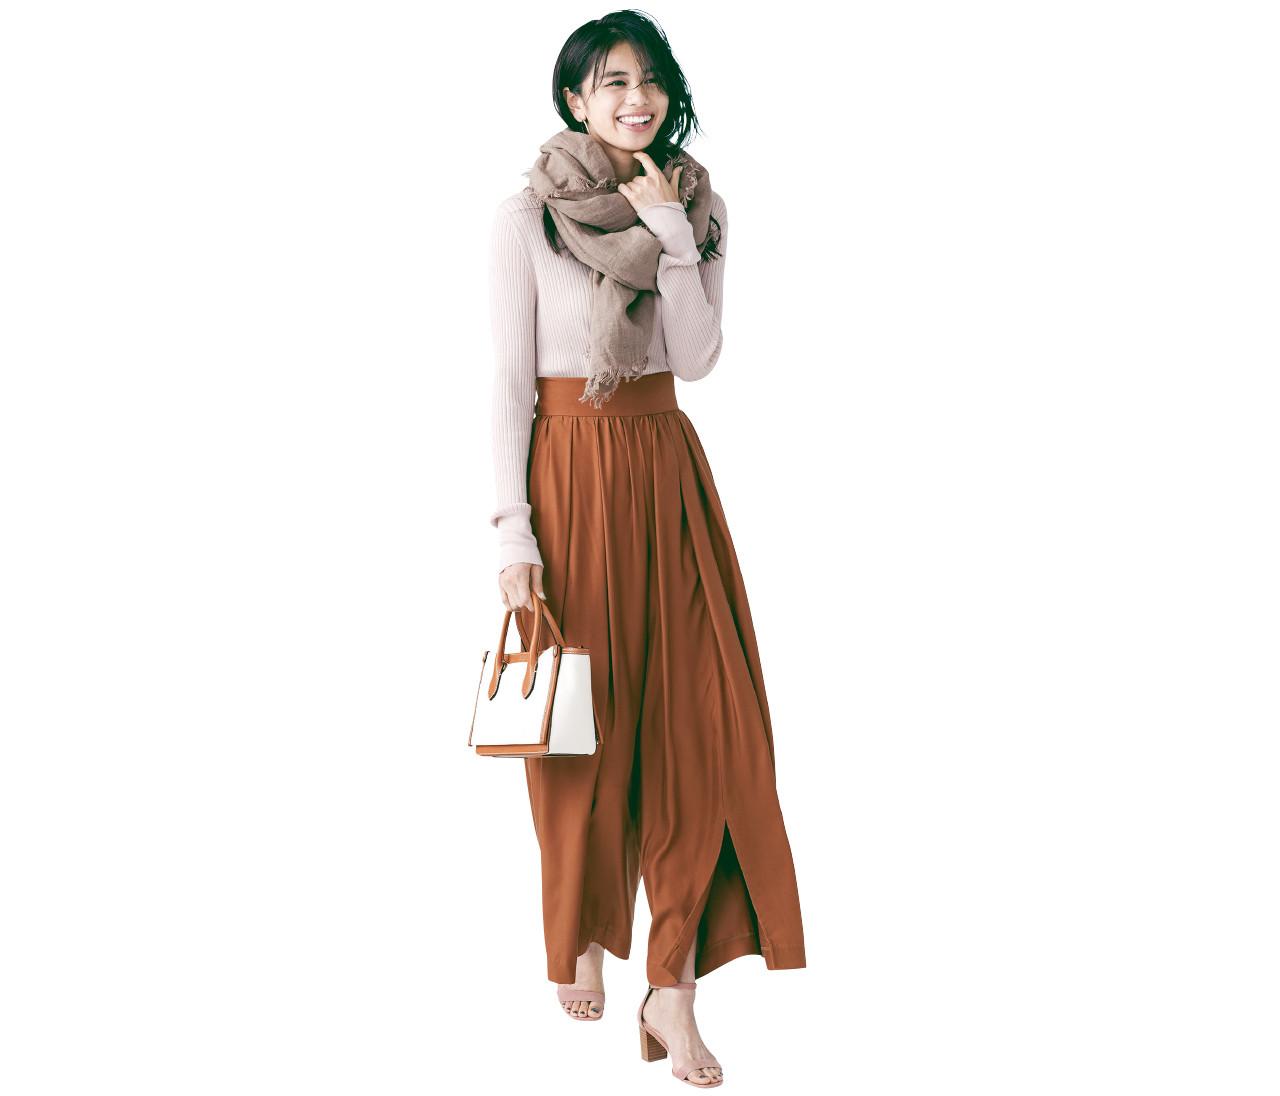 【2021春トレンド】「スカート見えパンツ」は春のスタメン確定!